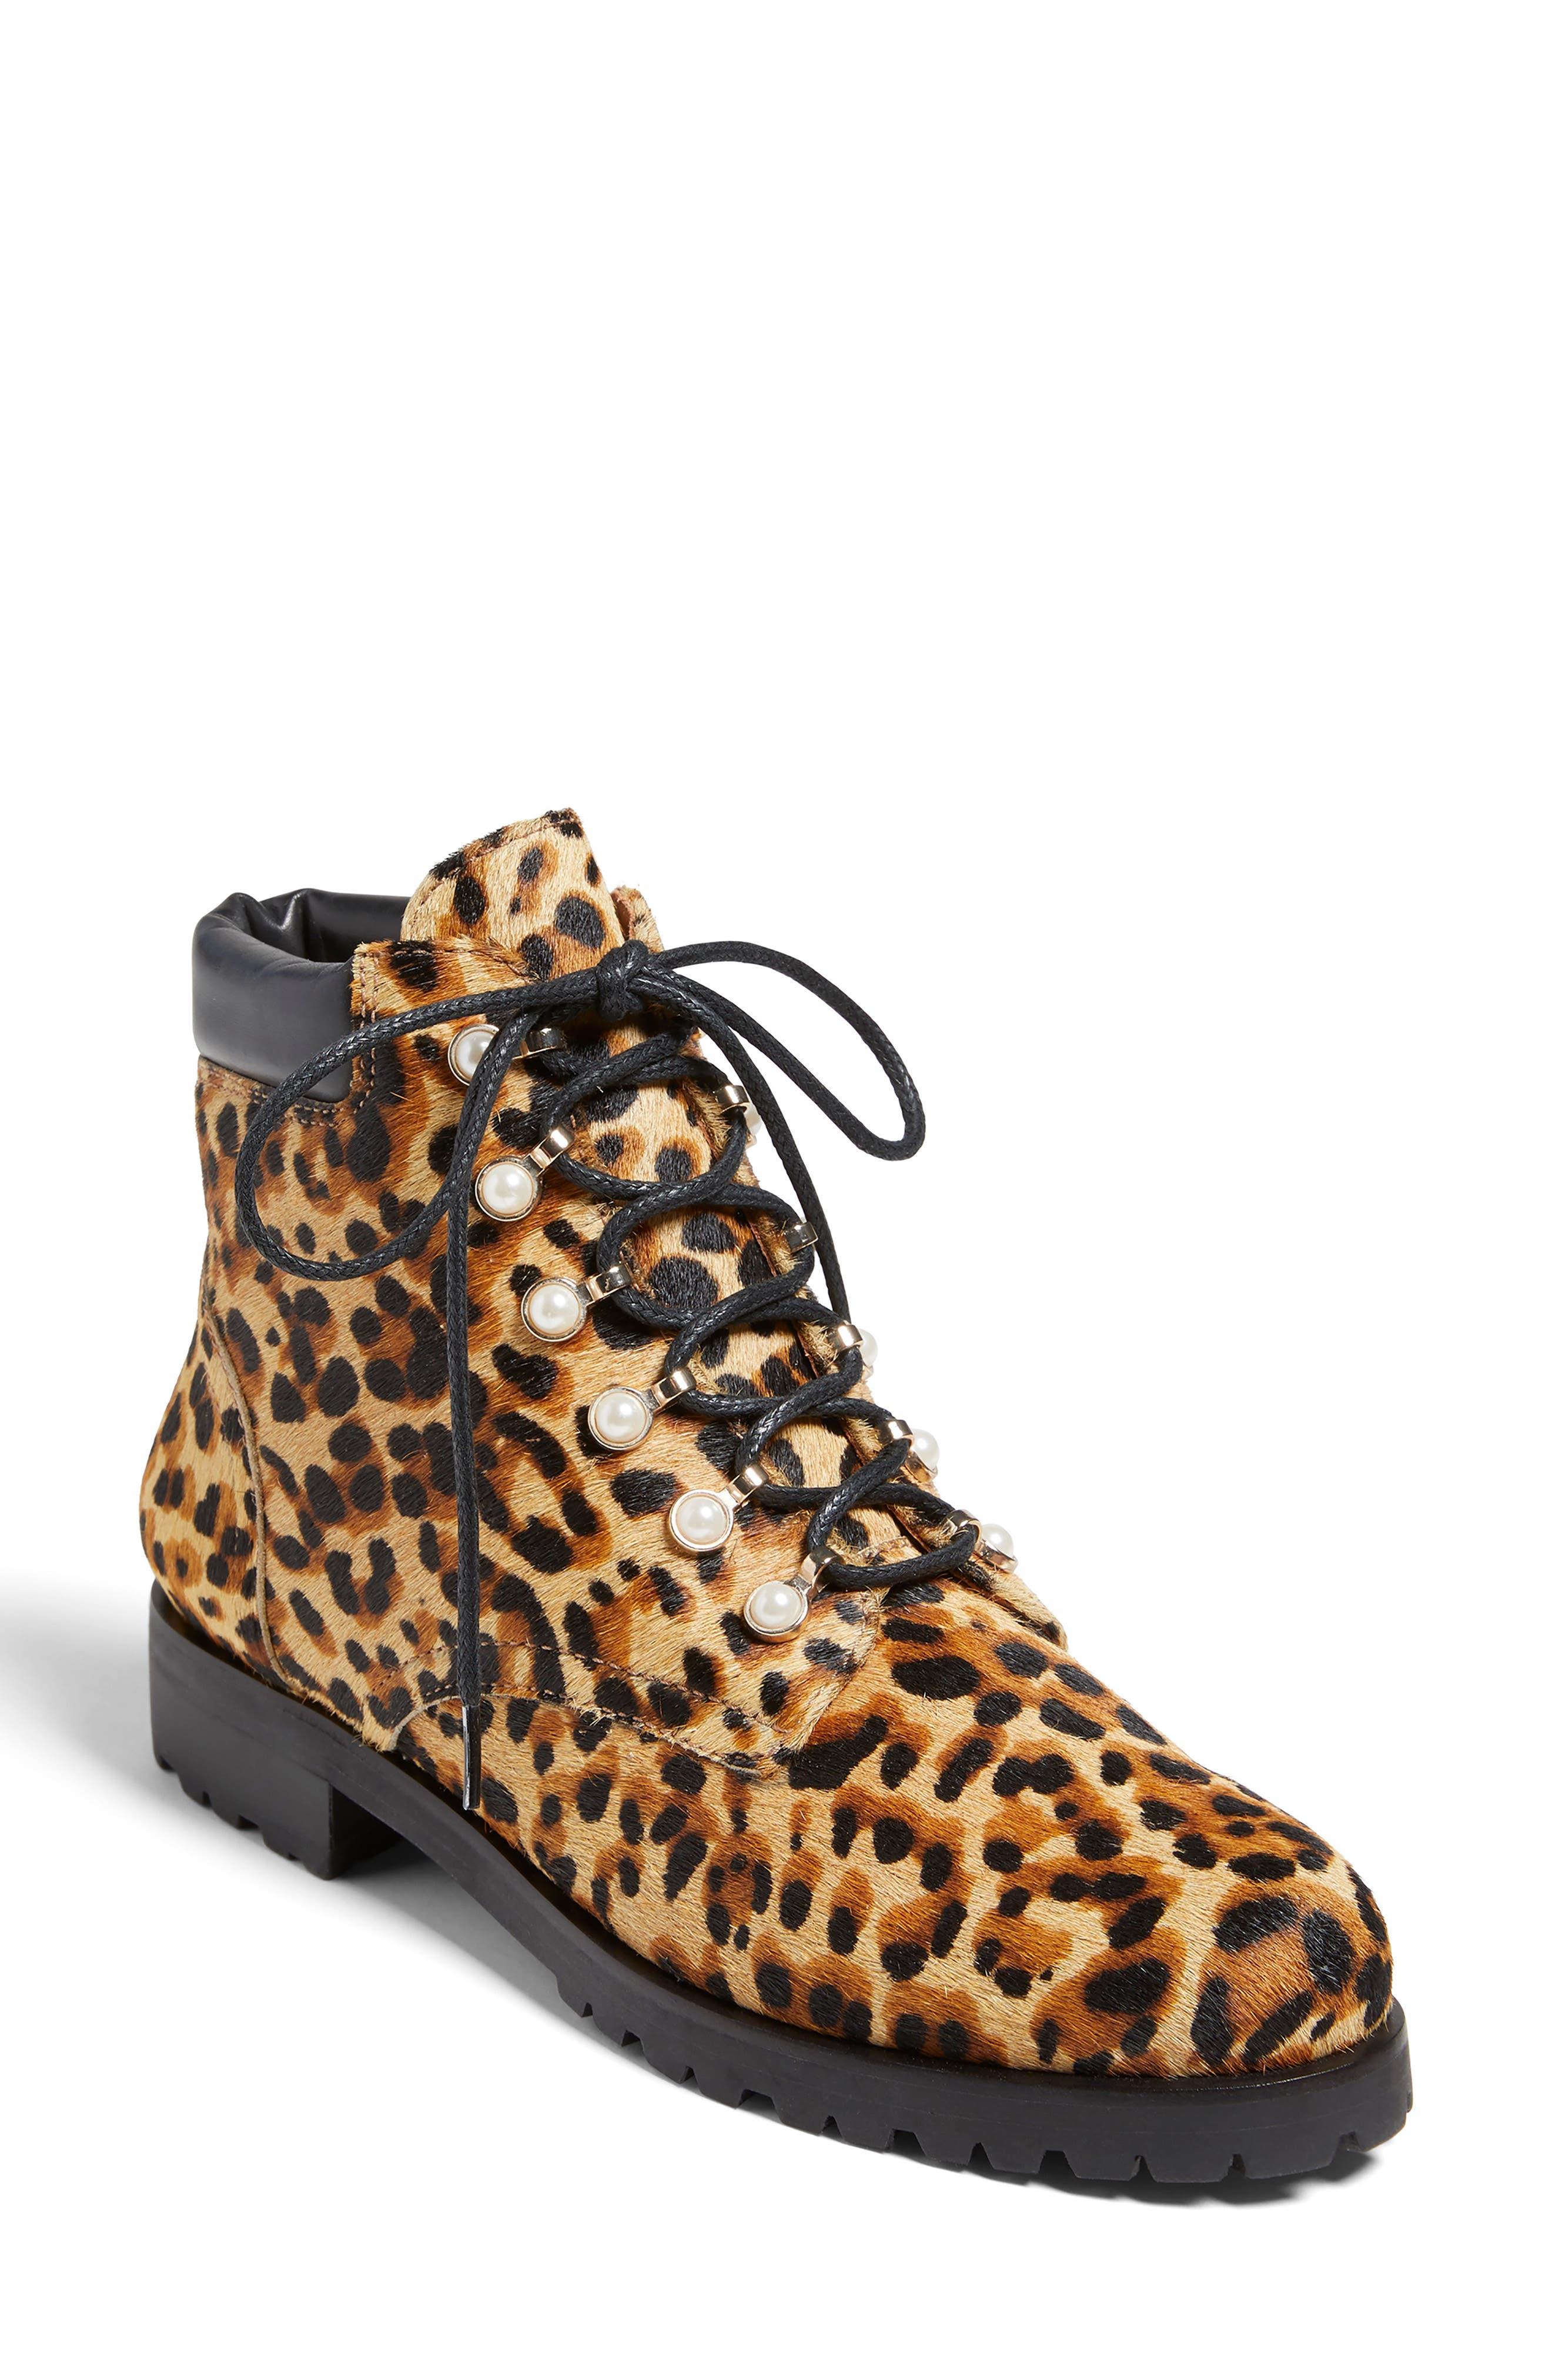 Peyton Lace-Up Boot